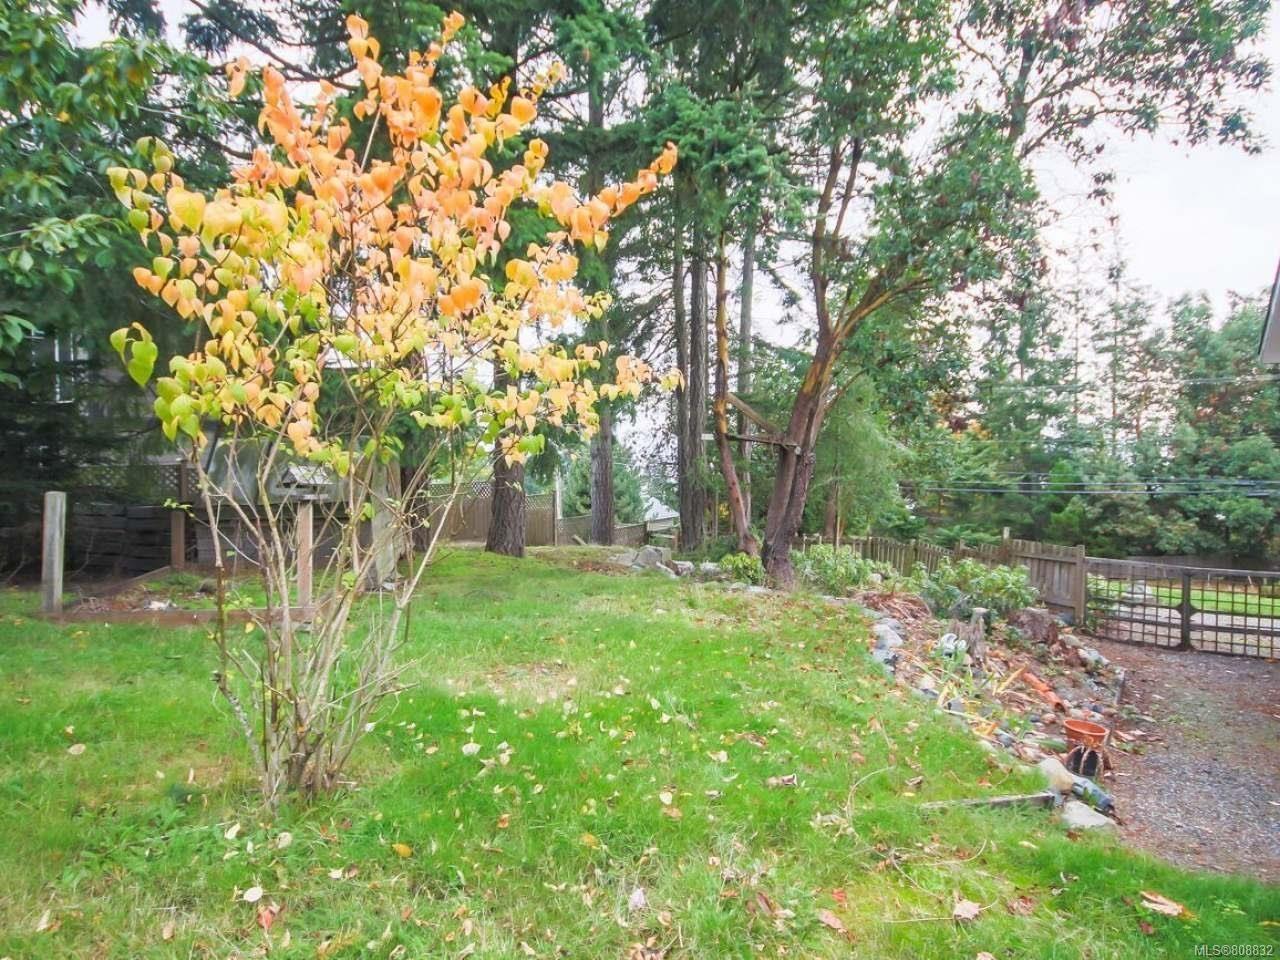 Photo 22: Photos: 5407 Lost Lake Rd in NANAIMO: Na North Nanaimo House for sale (Nanaimo)  : MLS®# 808832